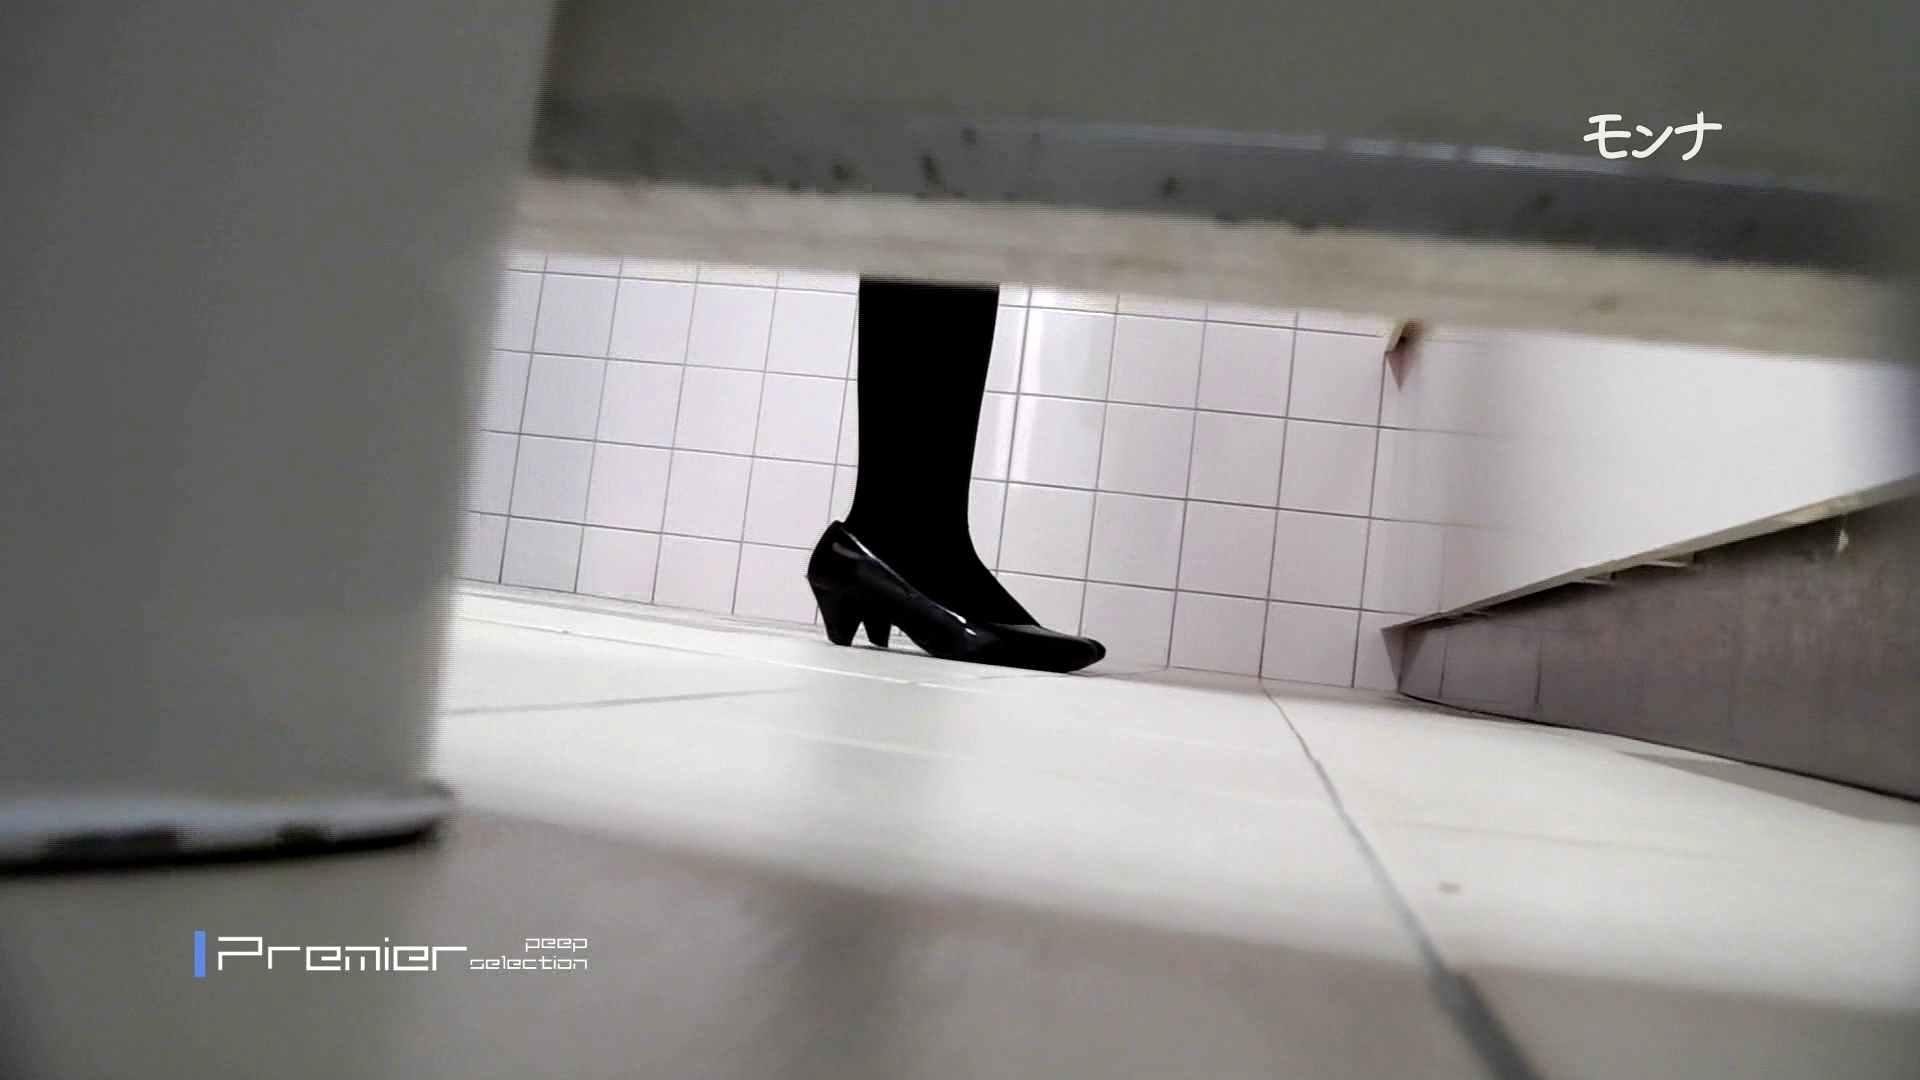 新学期!!下半身中心に攻めてます美小女可愛い女の悪戯盗撮トイレ 下半身特集  104Pix 22